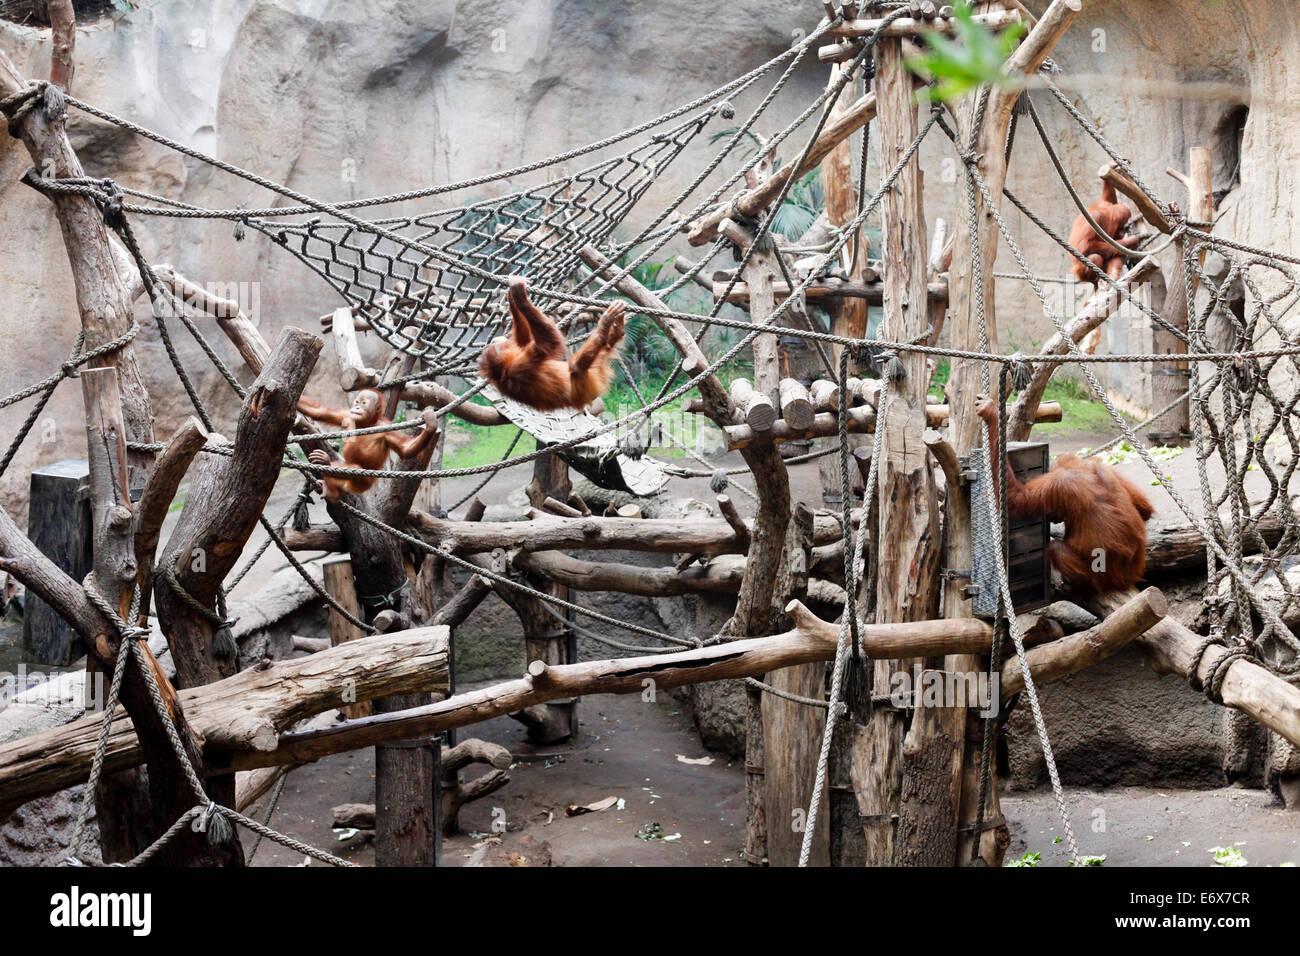 Sumatra orangutans, Pongoland, Zoo Leipzig, Saxony, Germany - Stock Image